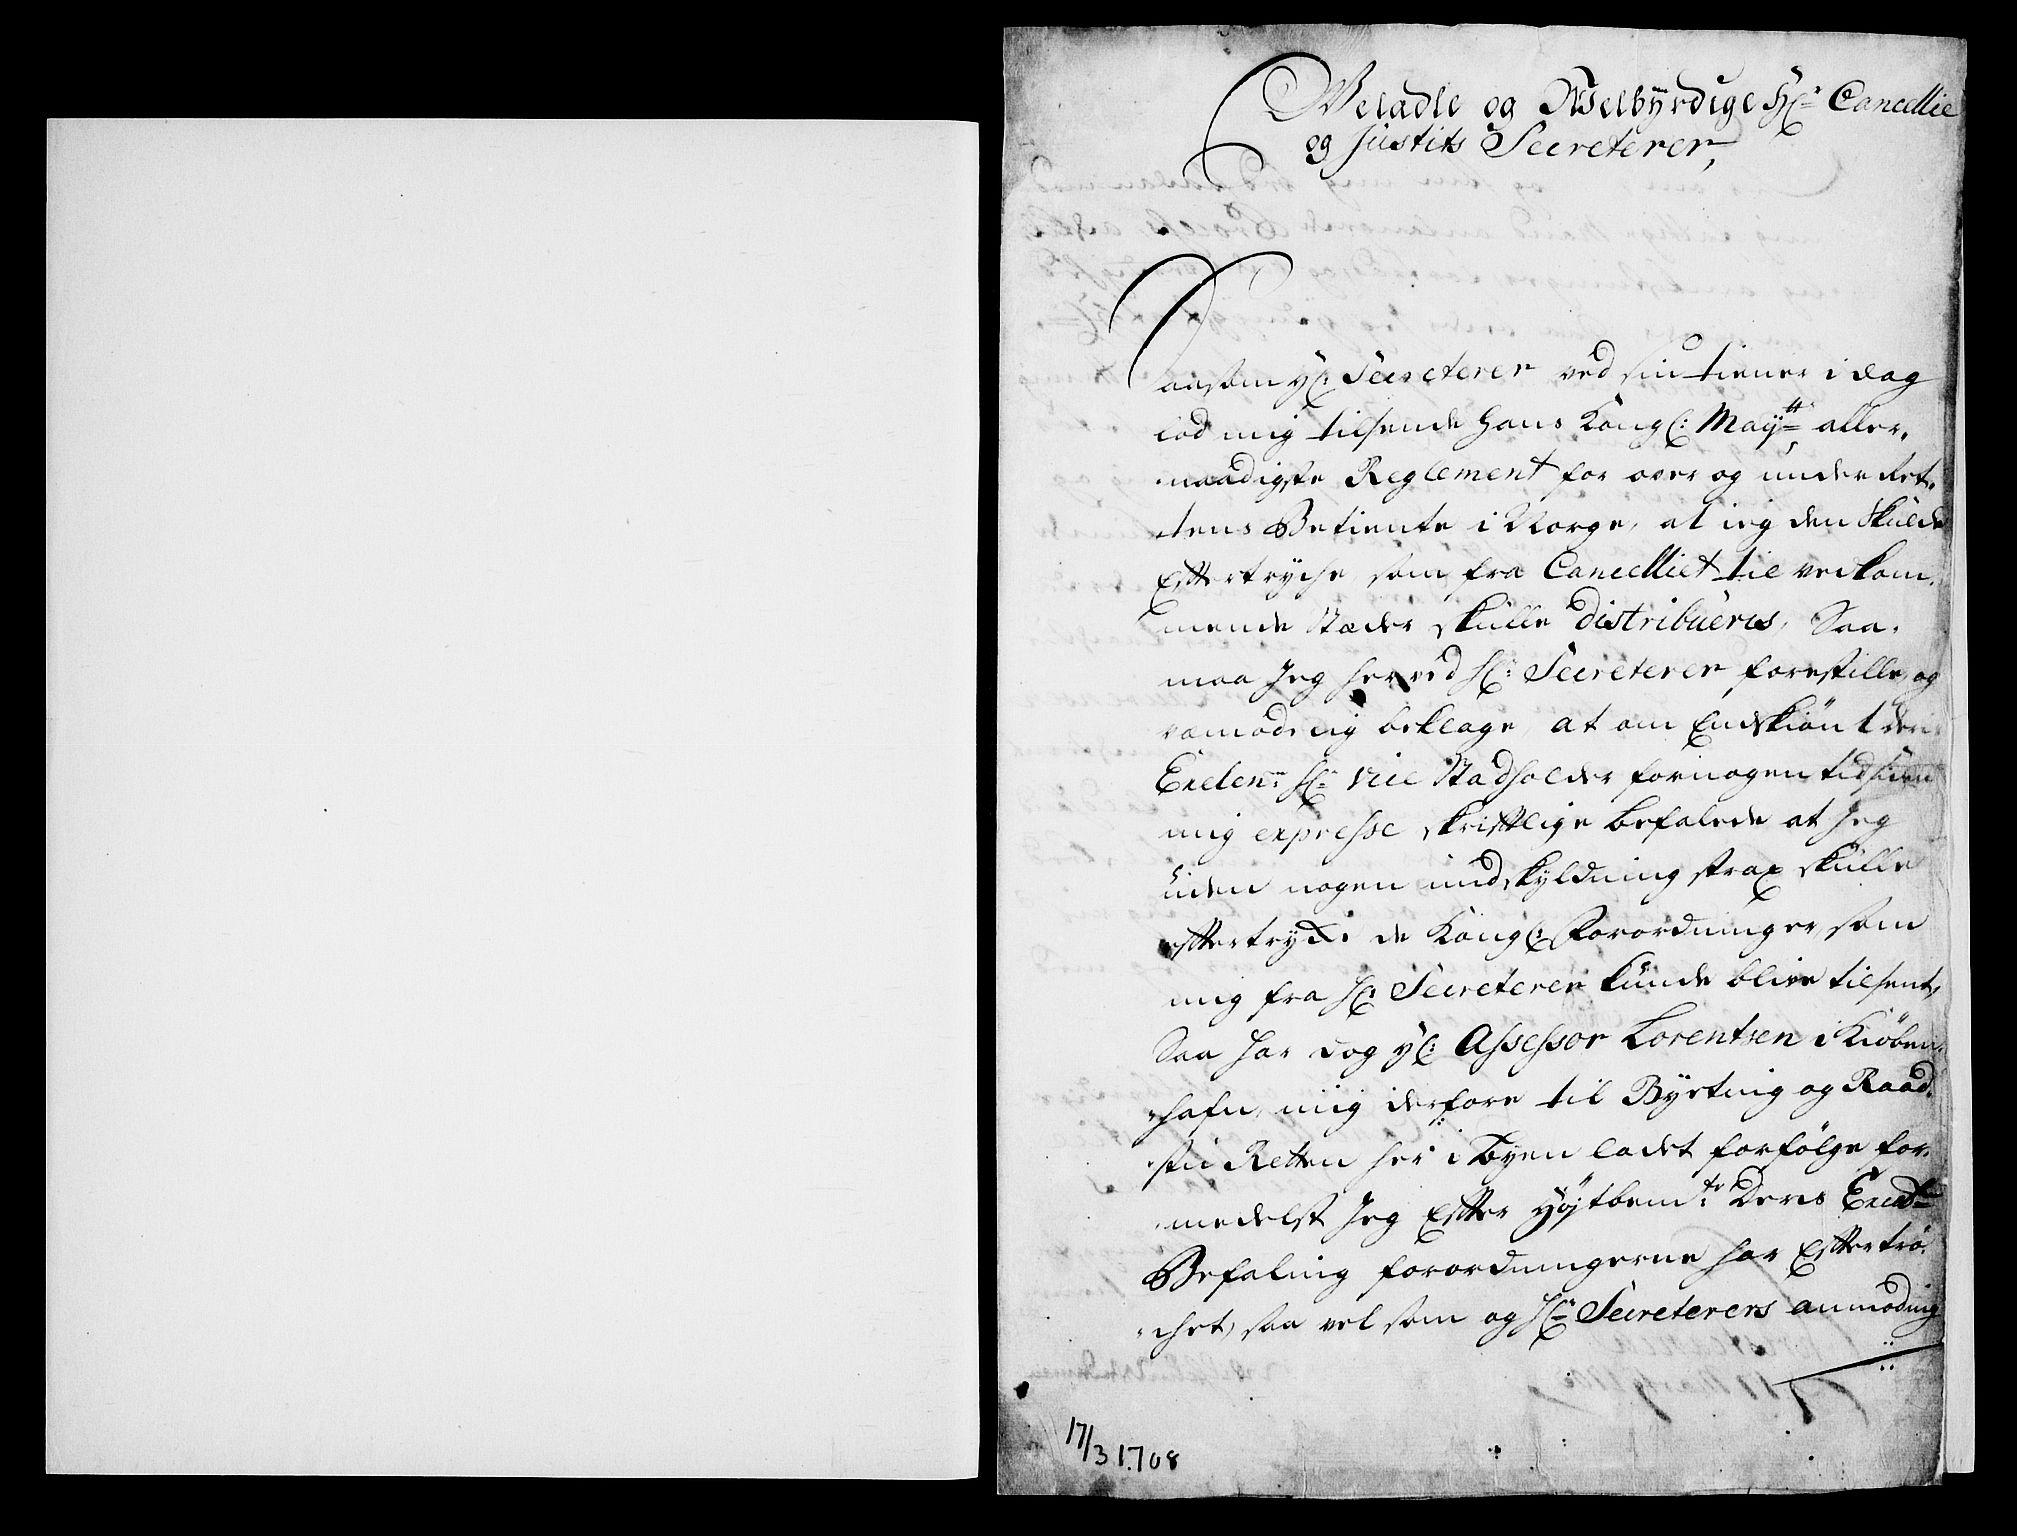 RA, Danske Kanselli, Skapsaker, G/L0019: Tillegg til skapsakene, 1616-1753, s. 351